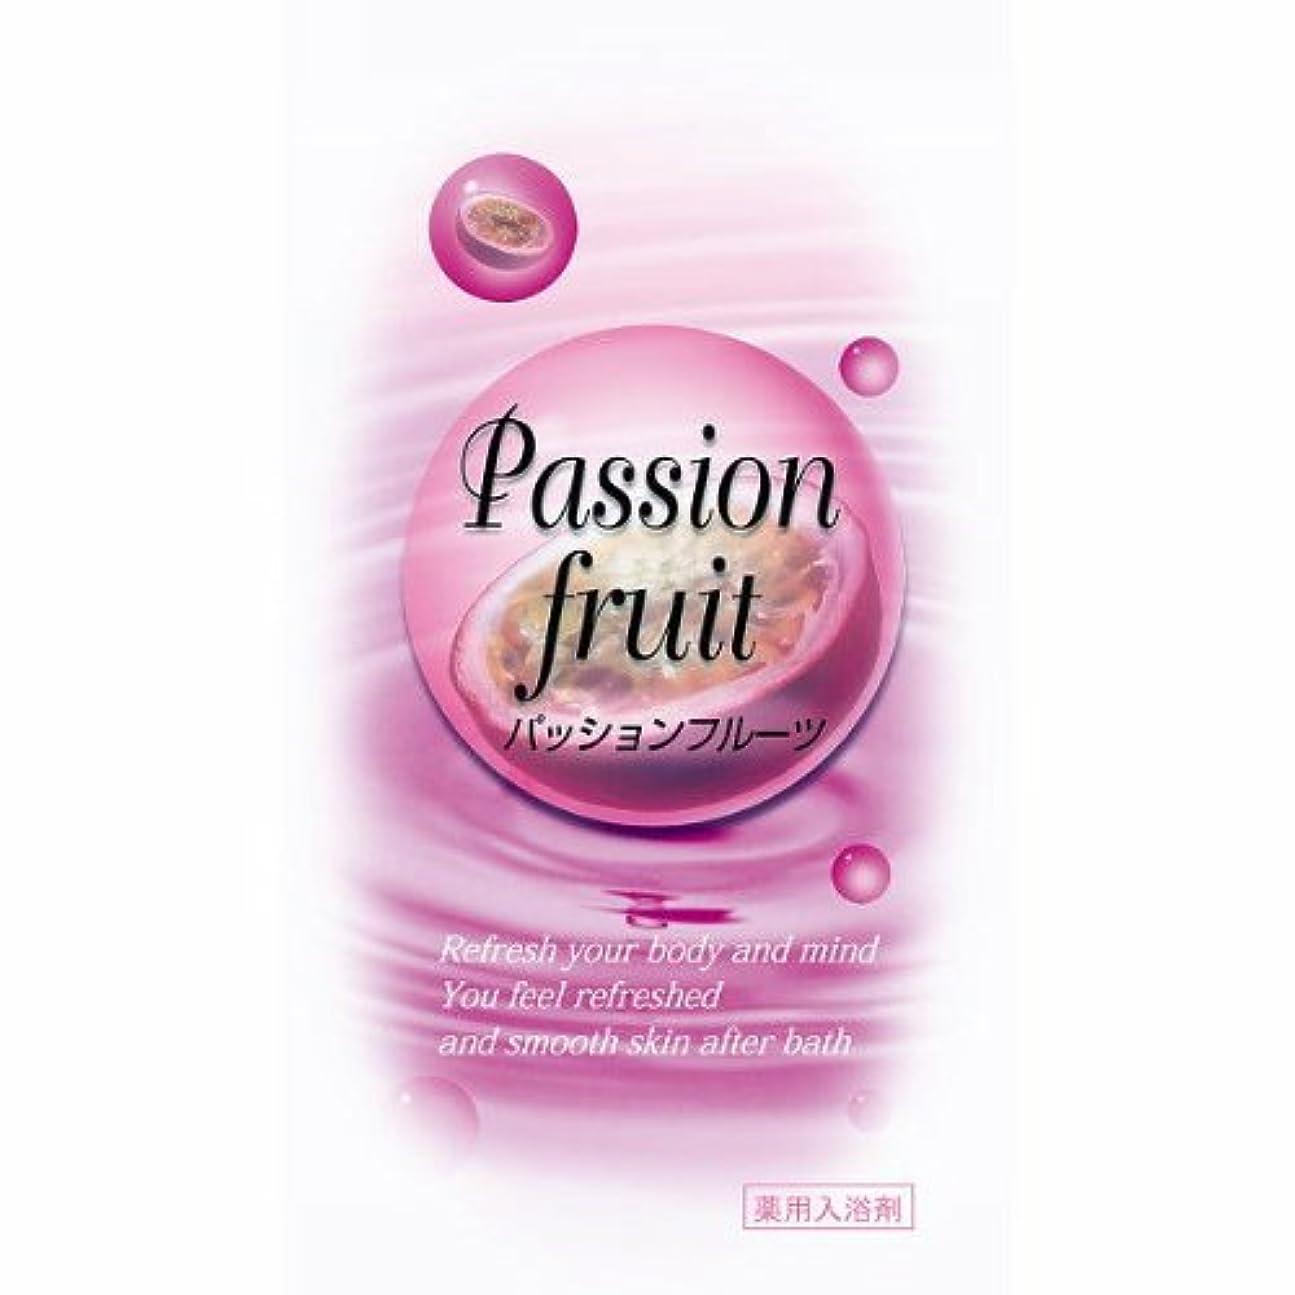 低下田舎者固執トプラン入浴剤 パッションフルーツの香り